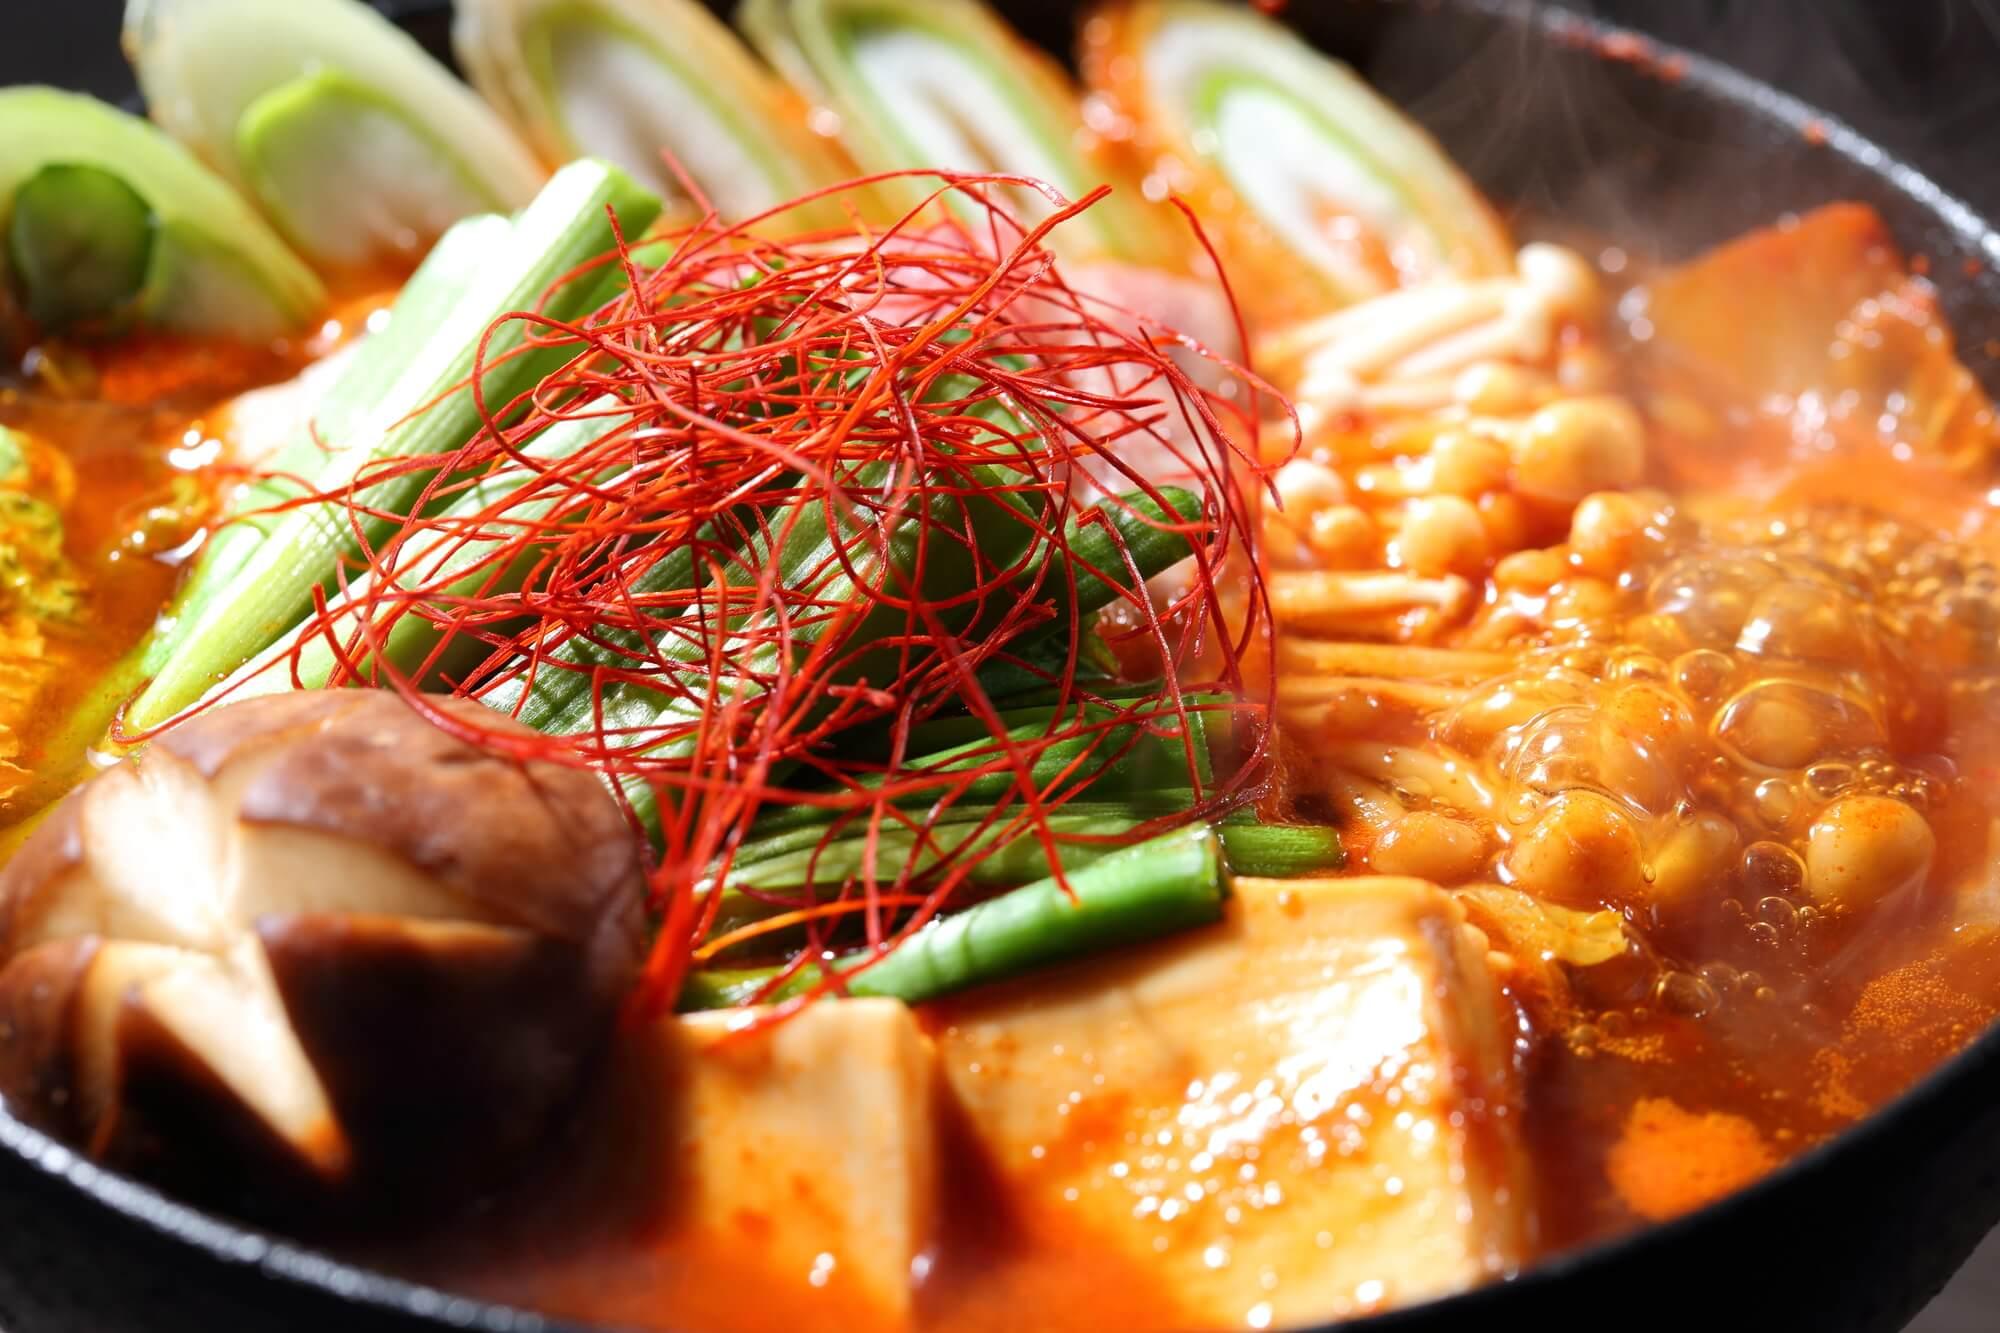 キムチ鍋がよいって本当?食生活でインフルエンザを予防